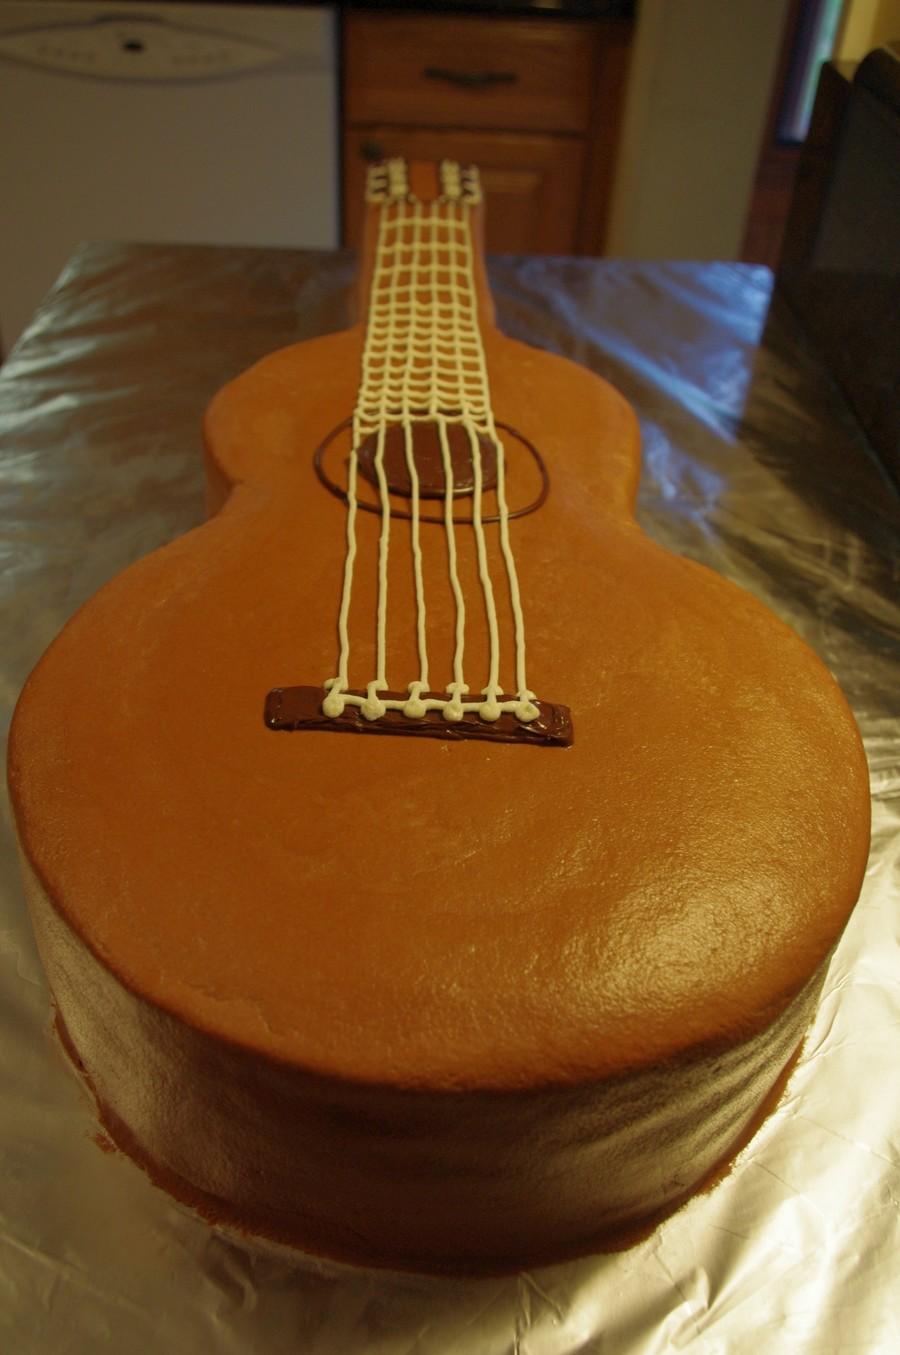 guitar templates for cakes - classical guitar cake